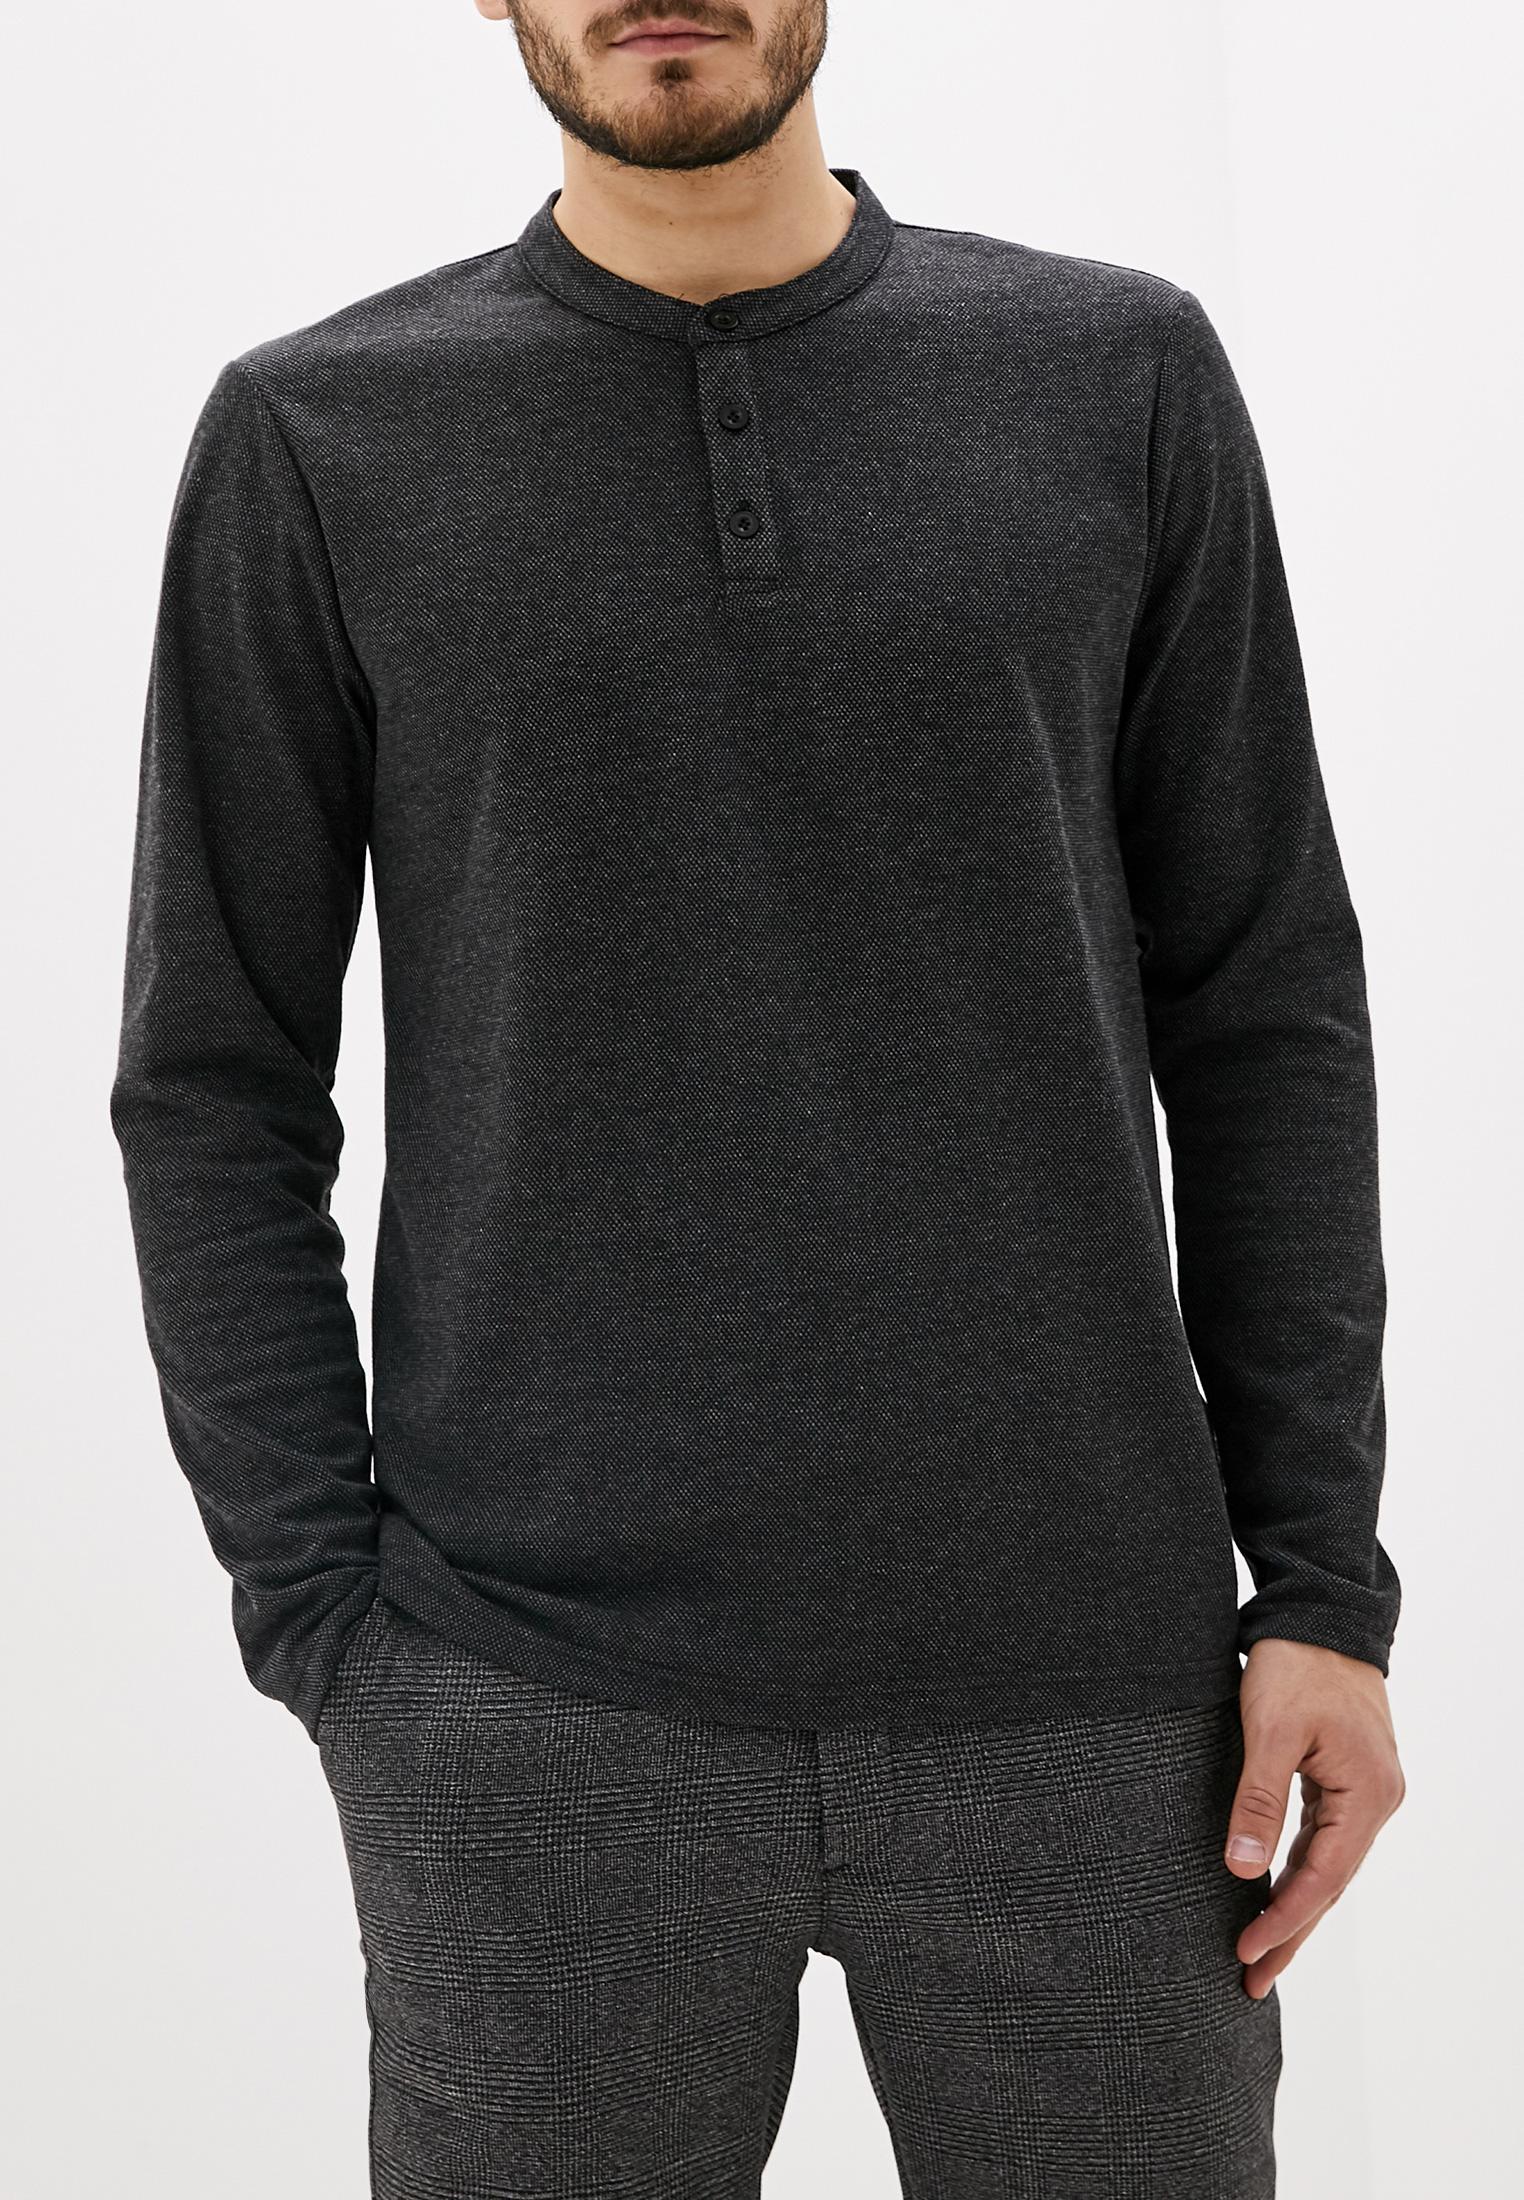 Модный женский лонгслив – спортивный, новогодний, черный, серый, белый, в полоску, с принтом